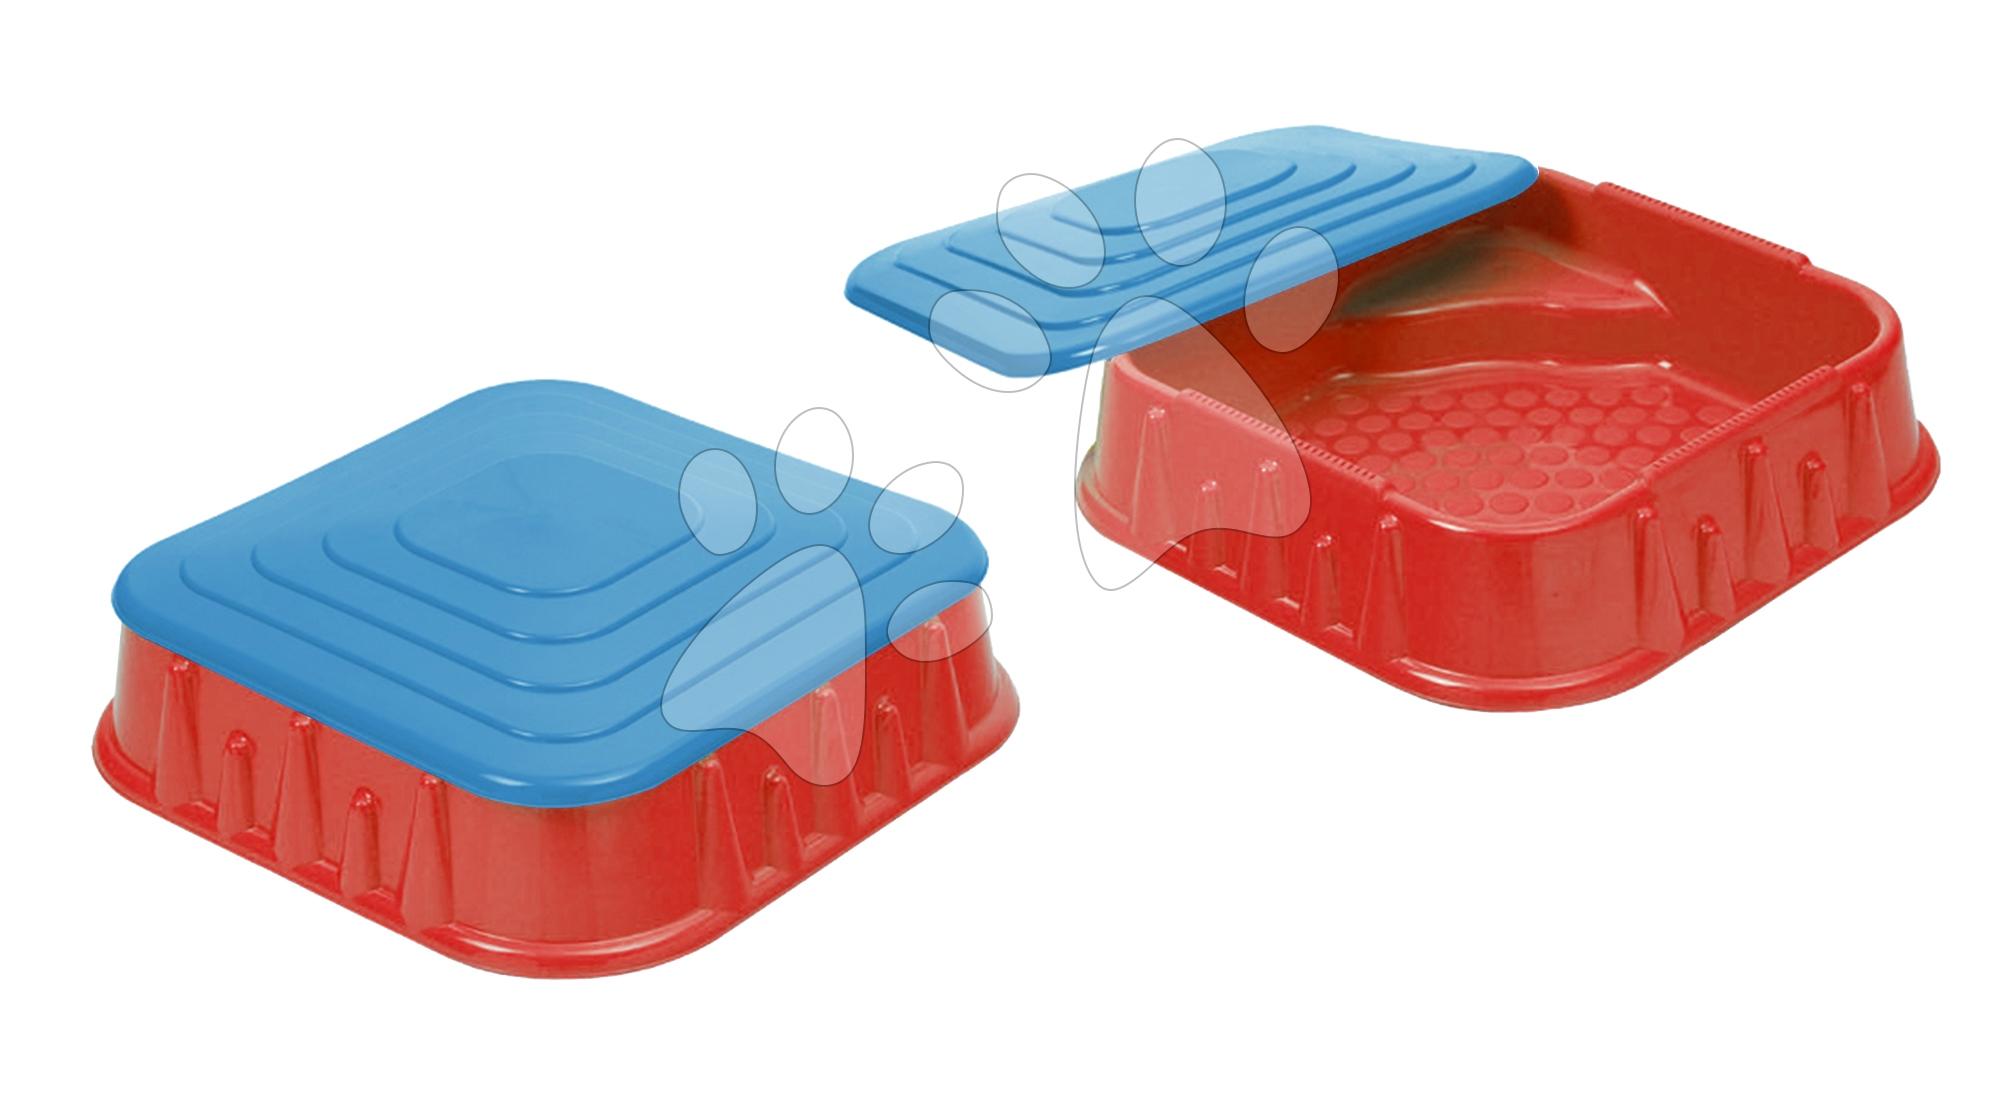 Pískoviště Starplast čtvercové s krytem objem 60 litrů červeno-modré od 24 měsíců